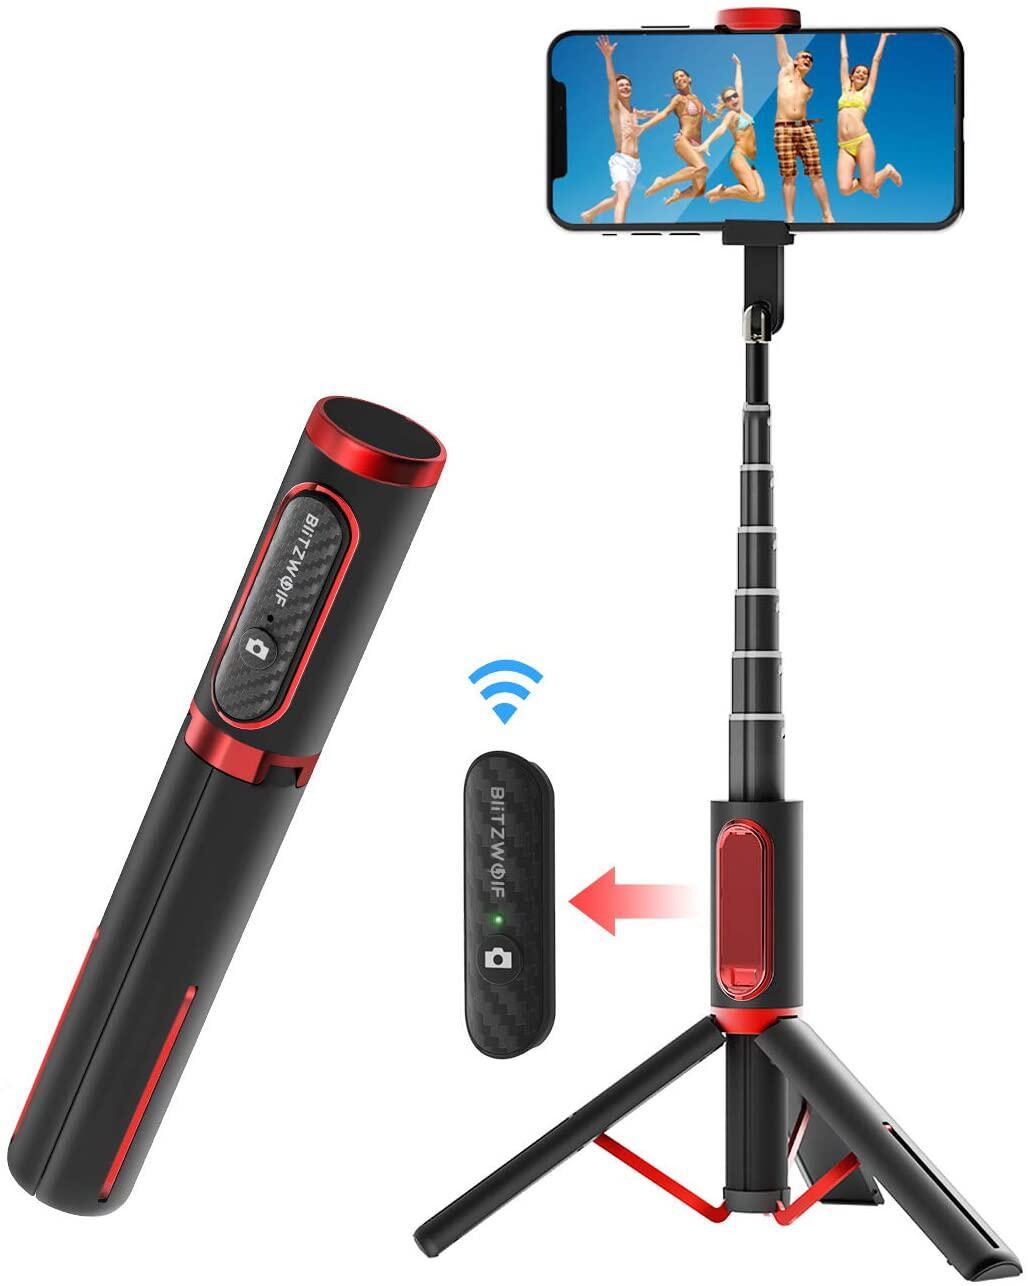 Bild zu Smartphone, Zubehör, Selfie, Stativ, Ausstattung, Drohne, Licht